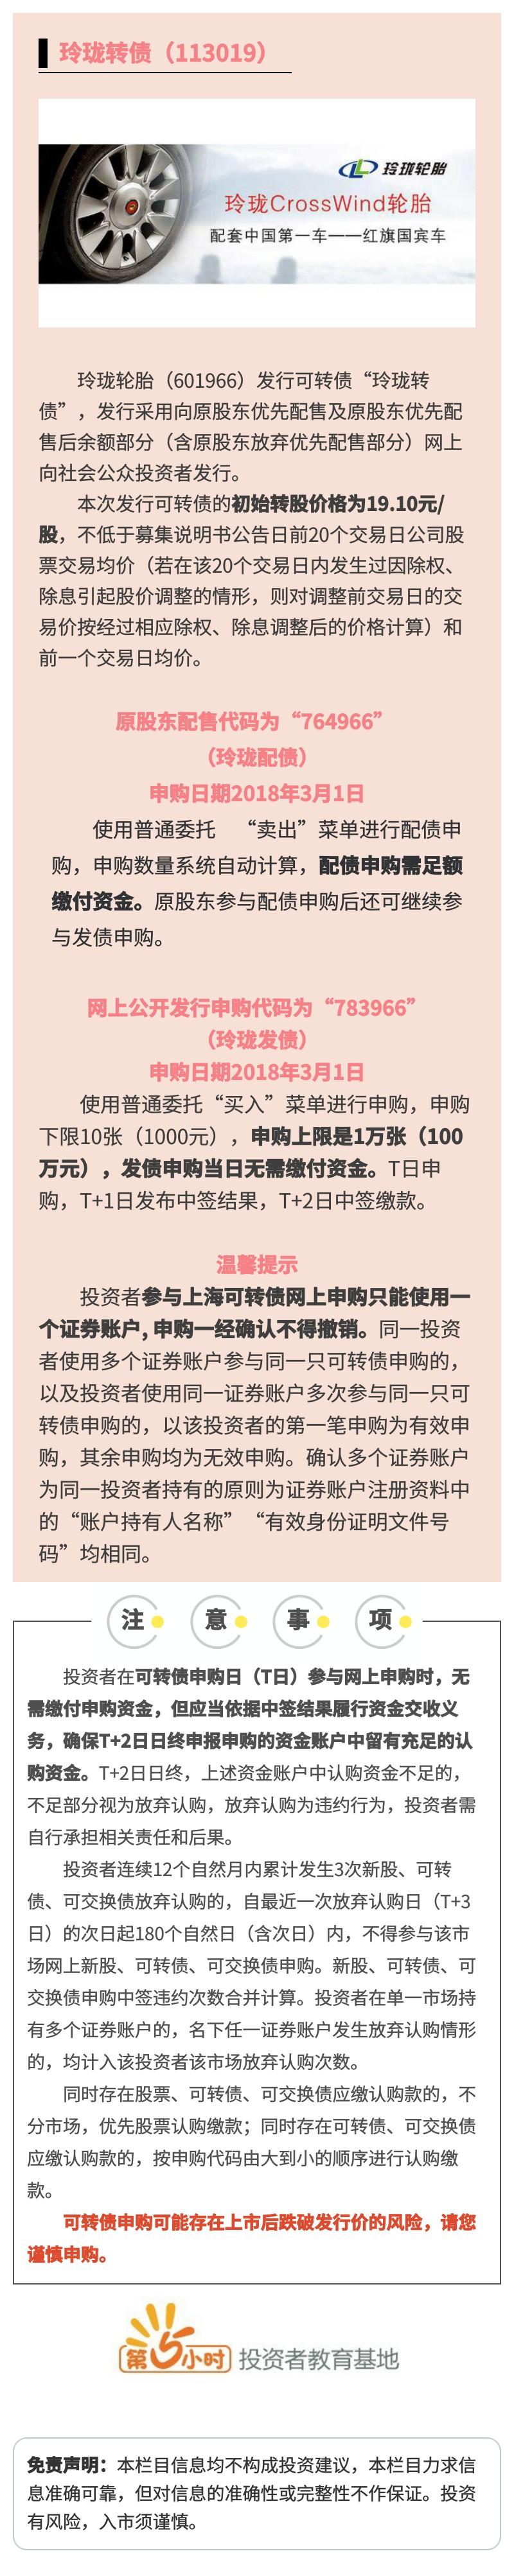 【转债申购】山东玲珑轮胎股份有限公司公开发行可转换公司债.jpg